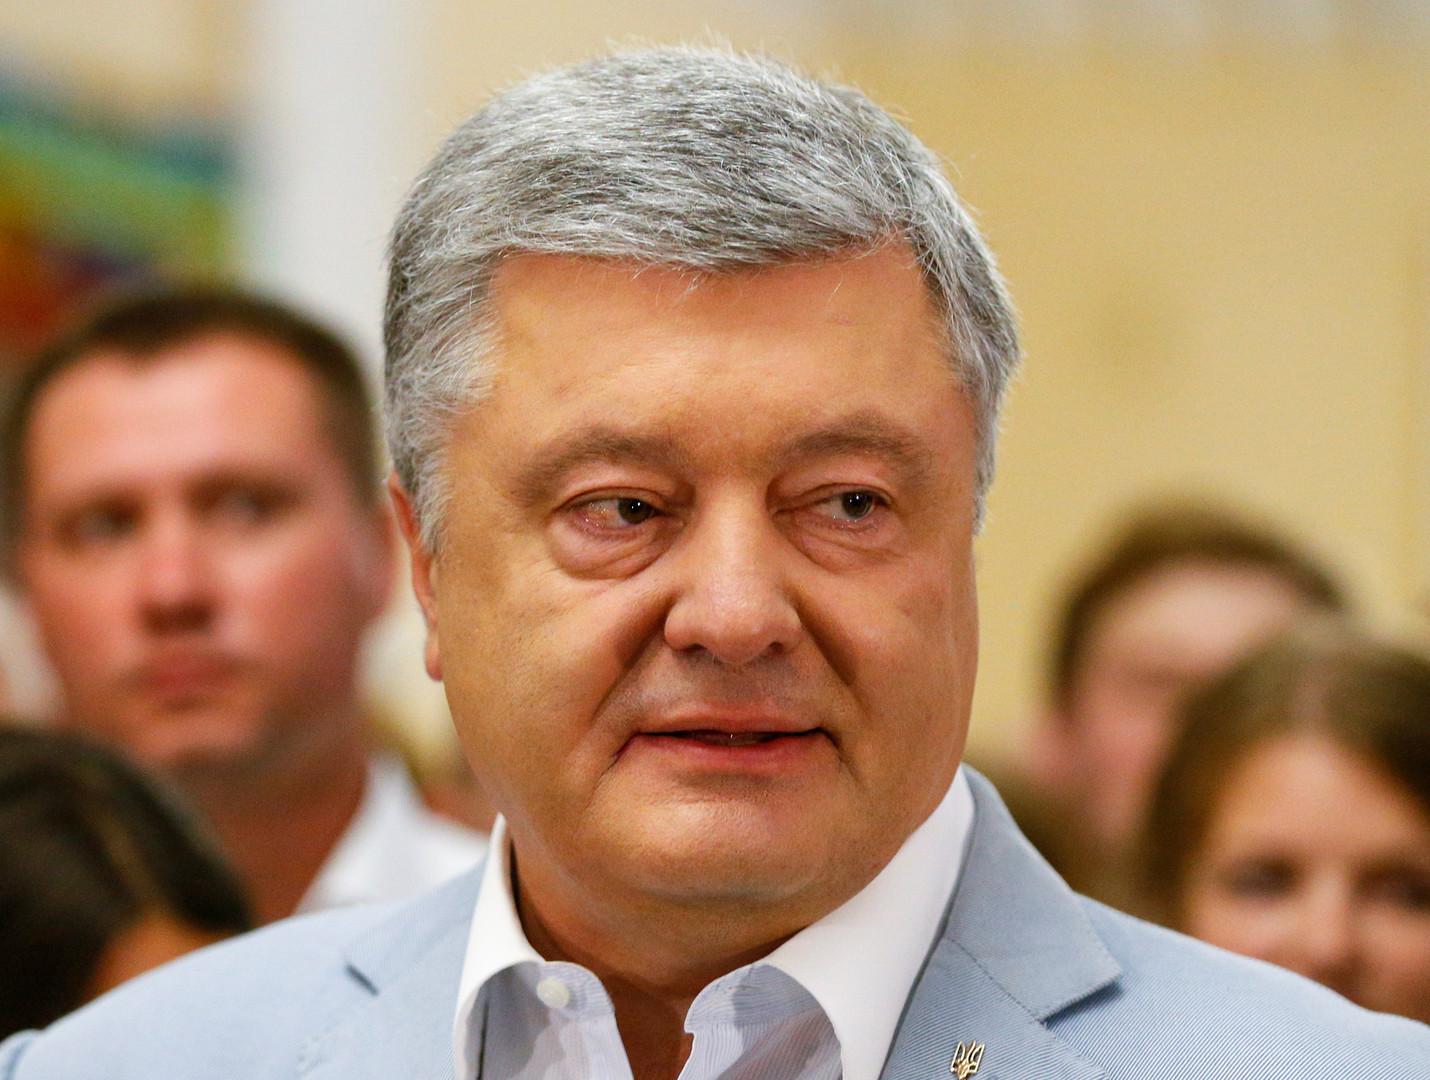 الرئيس الأوكراني السابق بيترو بوروشينكو